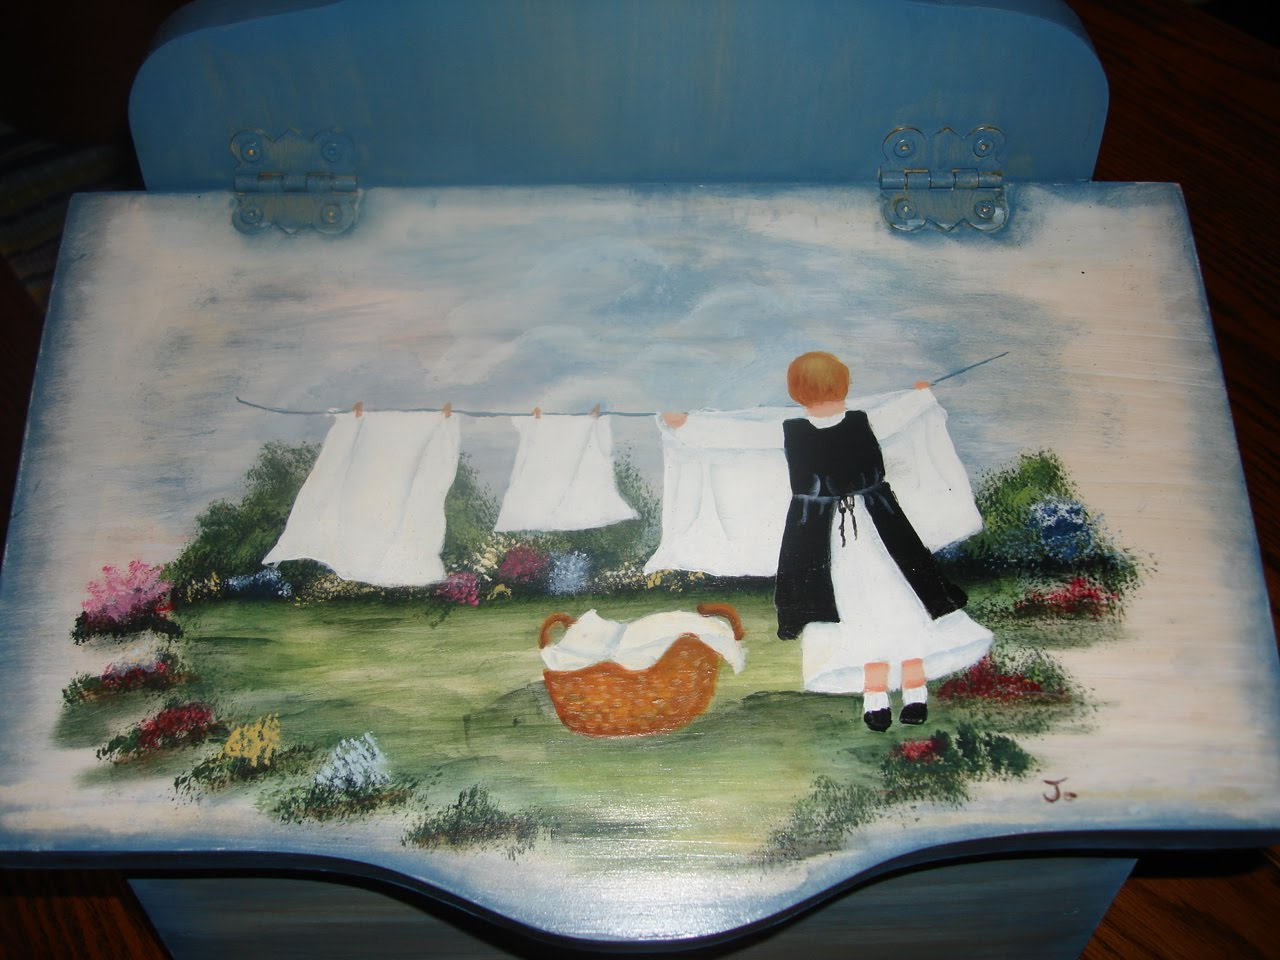 Les bidouilles blog de peinture d corative mes 2 l ves for Modele de peinture decorative